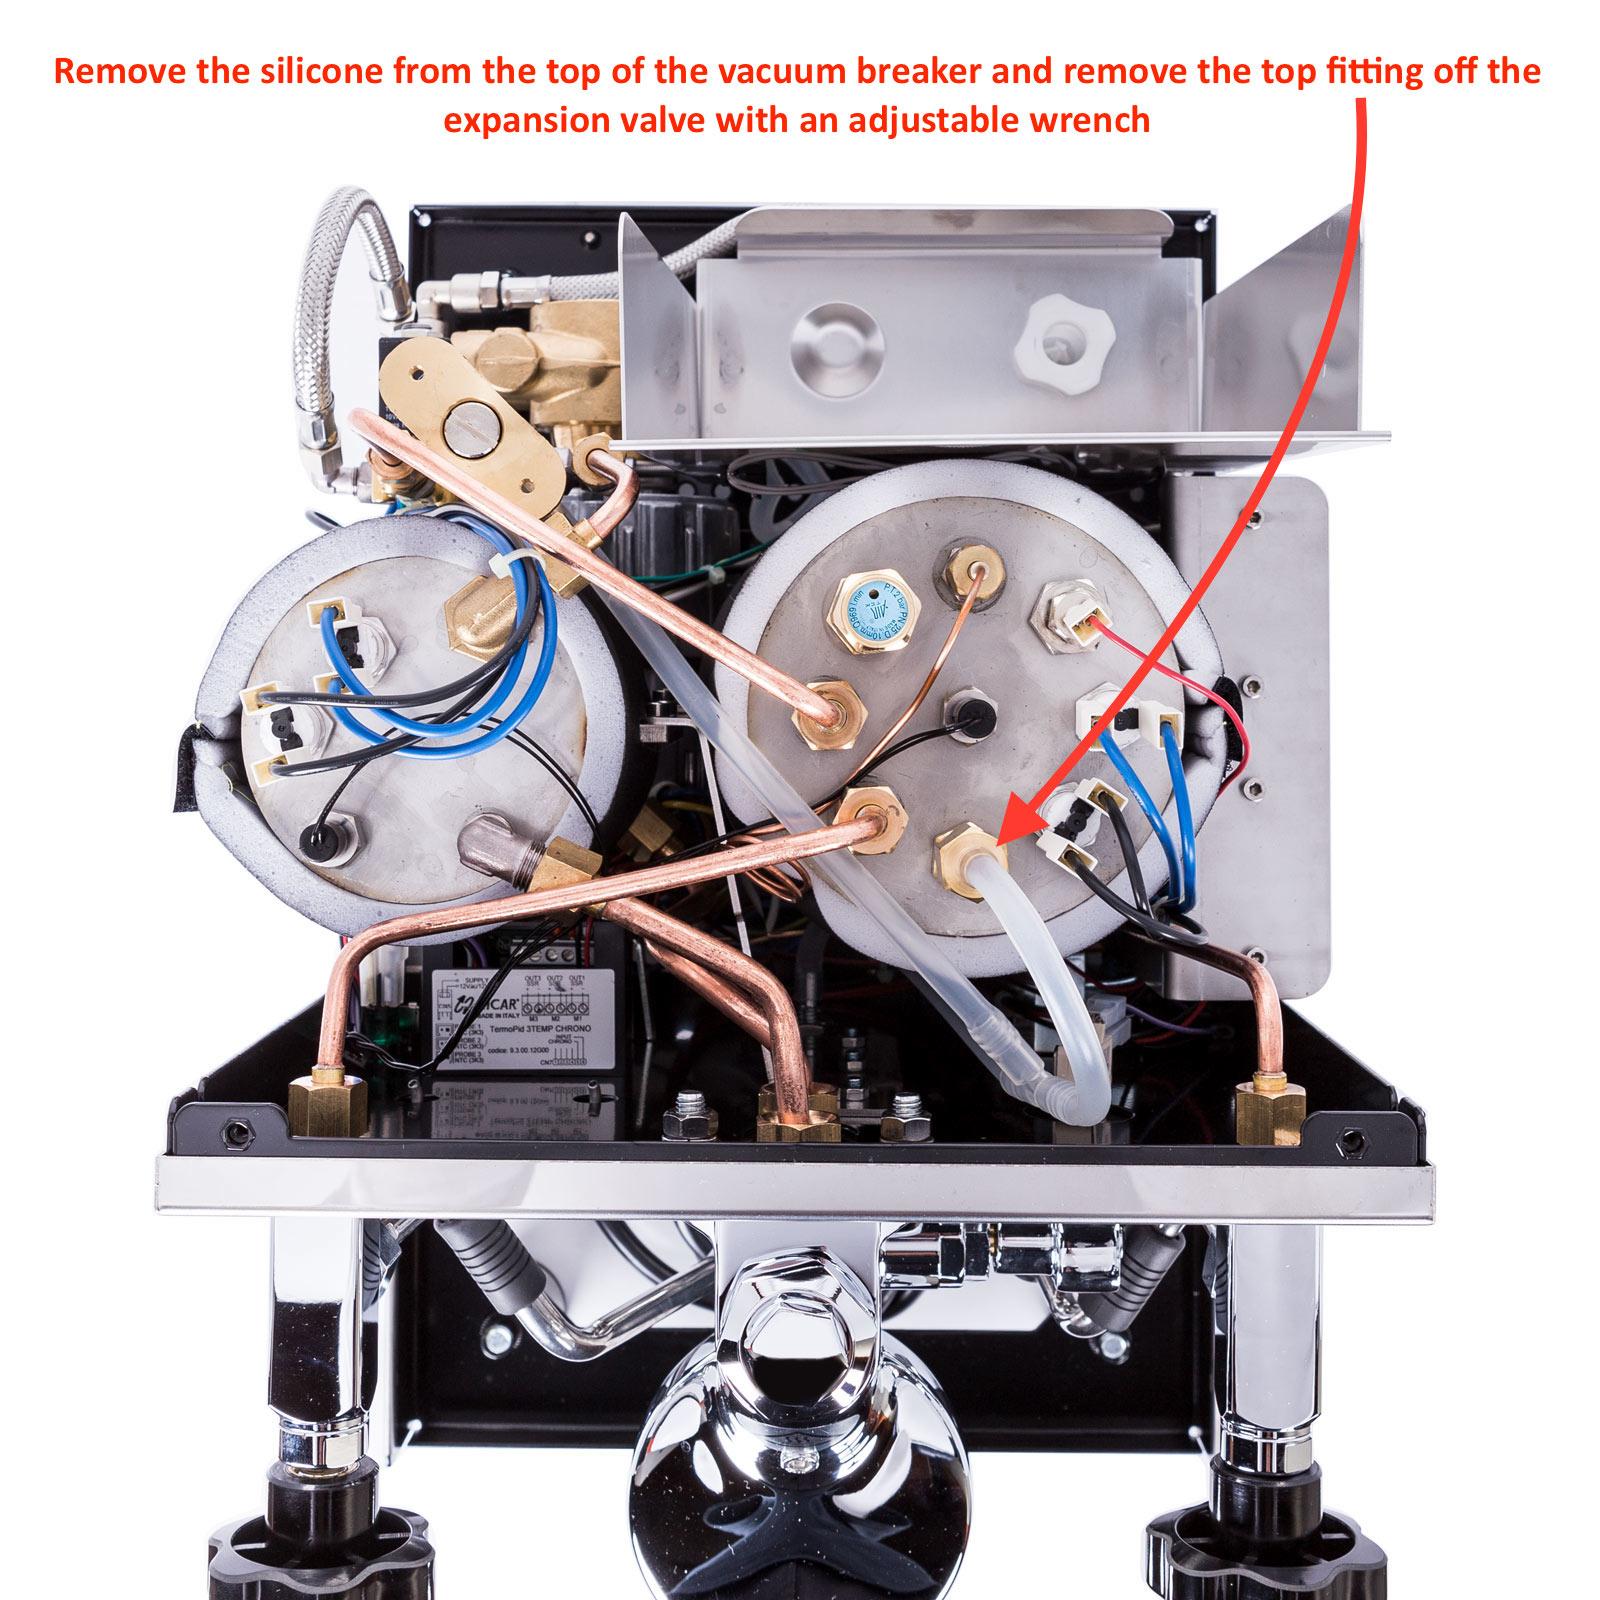 Profitec Pro 700: Vacuum Breaker Replacement